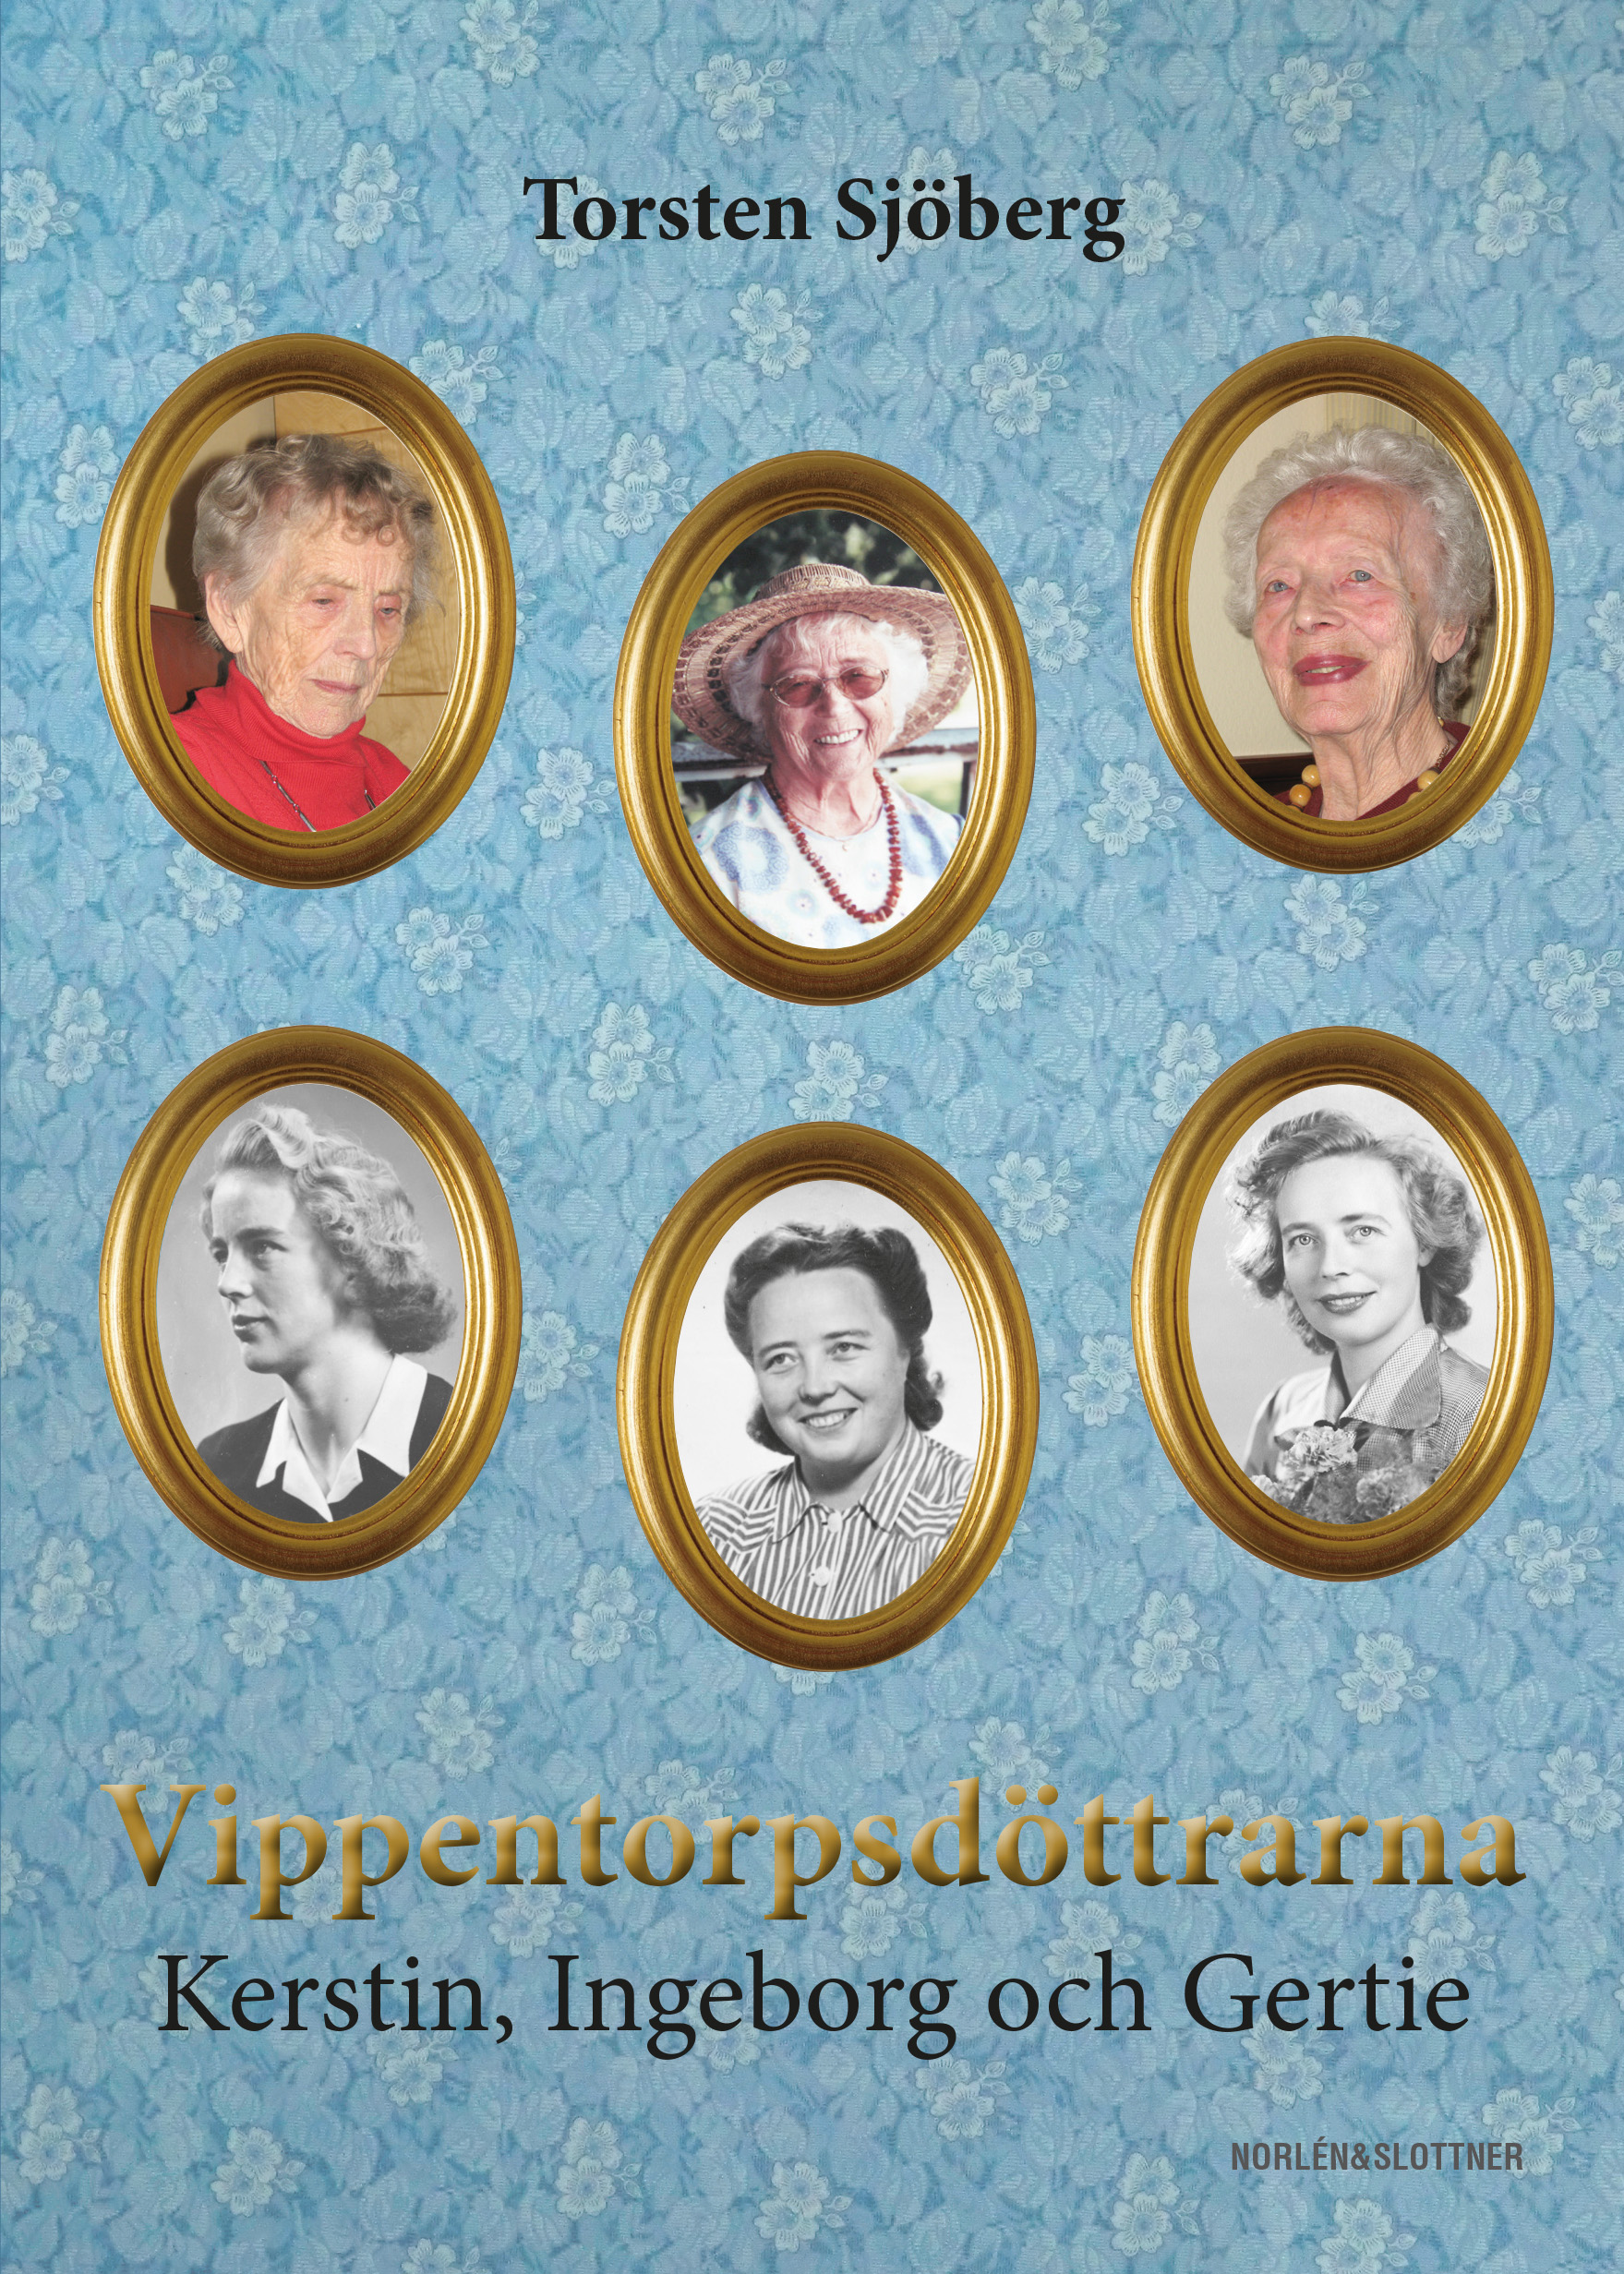 Vippentorpsdöttrarna – Kerstin, Ingeborg och Gertie-0